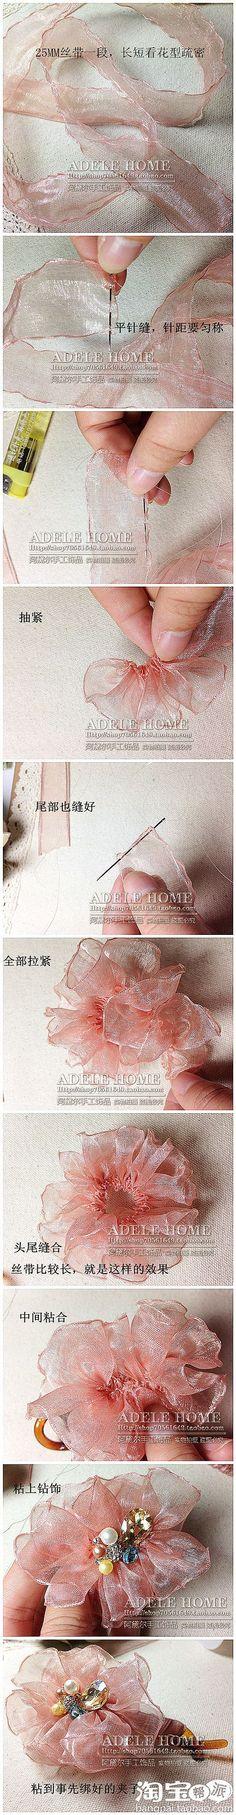 tutorial ribbon rossett rose how to Ribbon Art, Fabric Ribbon, Ribbon Crafts, Flower Crafts, Ribbon Bows, Ribbon Flower, Ribbons, Organza Flowers, Lace Flowers